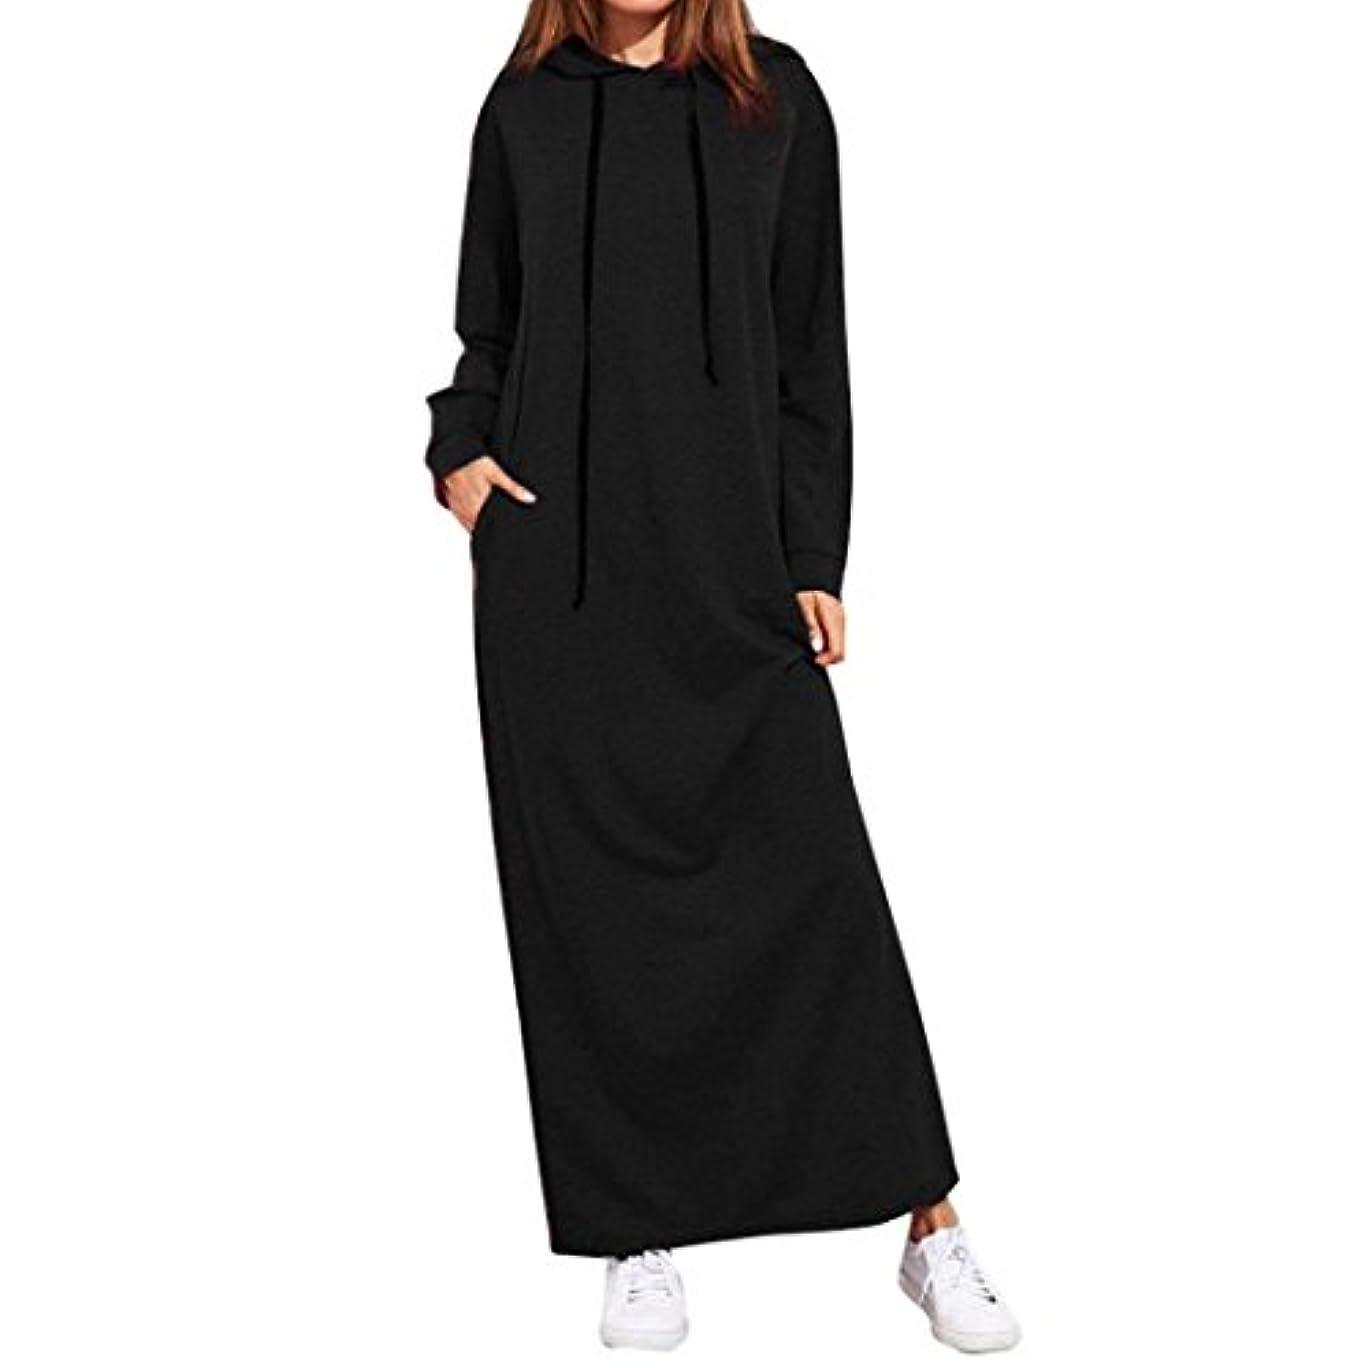 批判的になくなる盆REYO ♥ [S-2XL] クリアランス セール レディース ドレス フード付き 足首丈 ドレス カジュアル 長袖 キャリア ゆったり ミニドレス, 2XL, ブラック